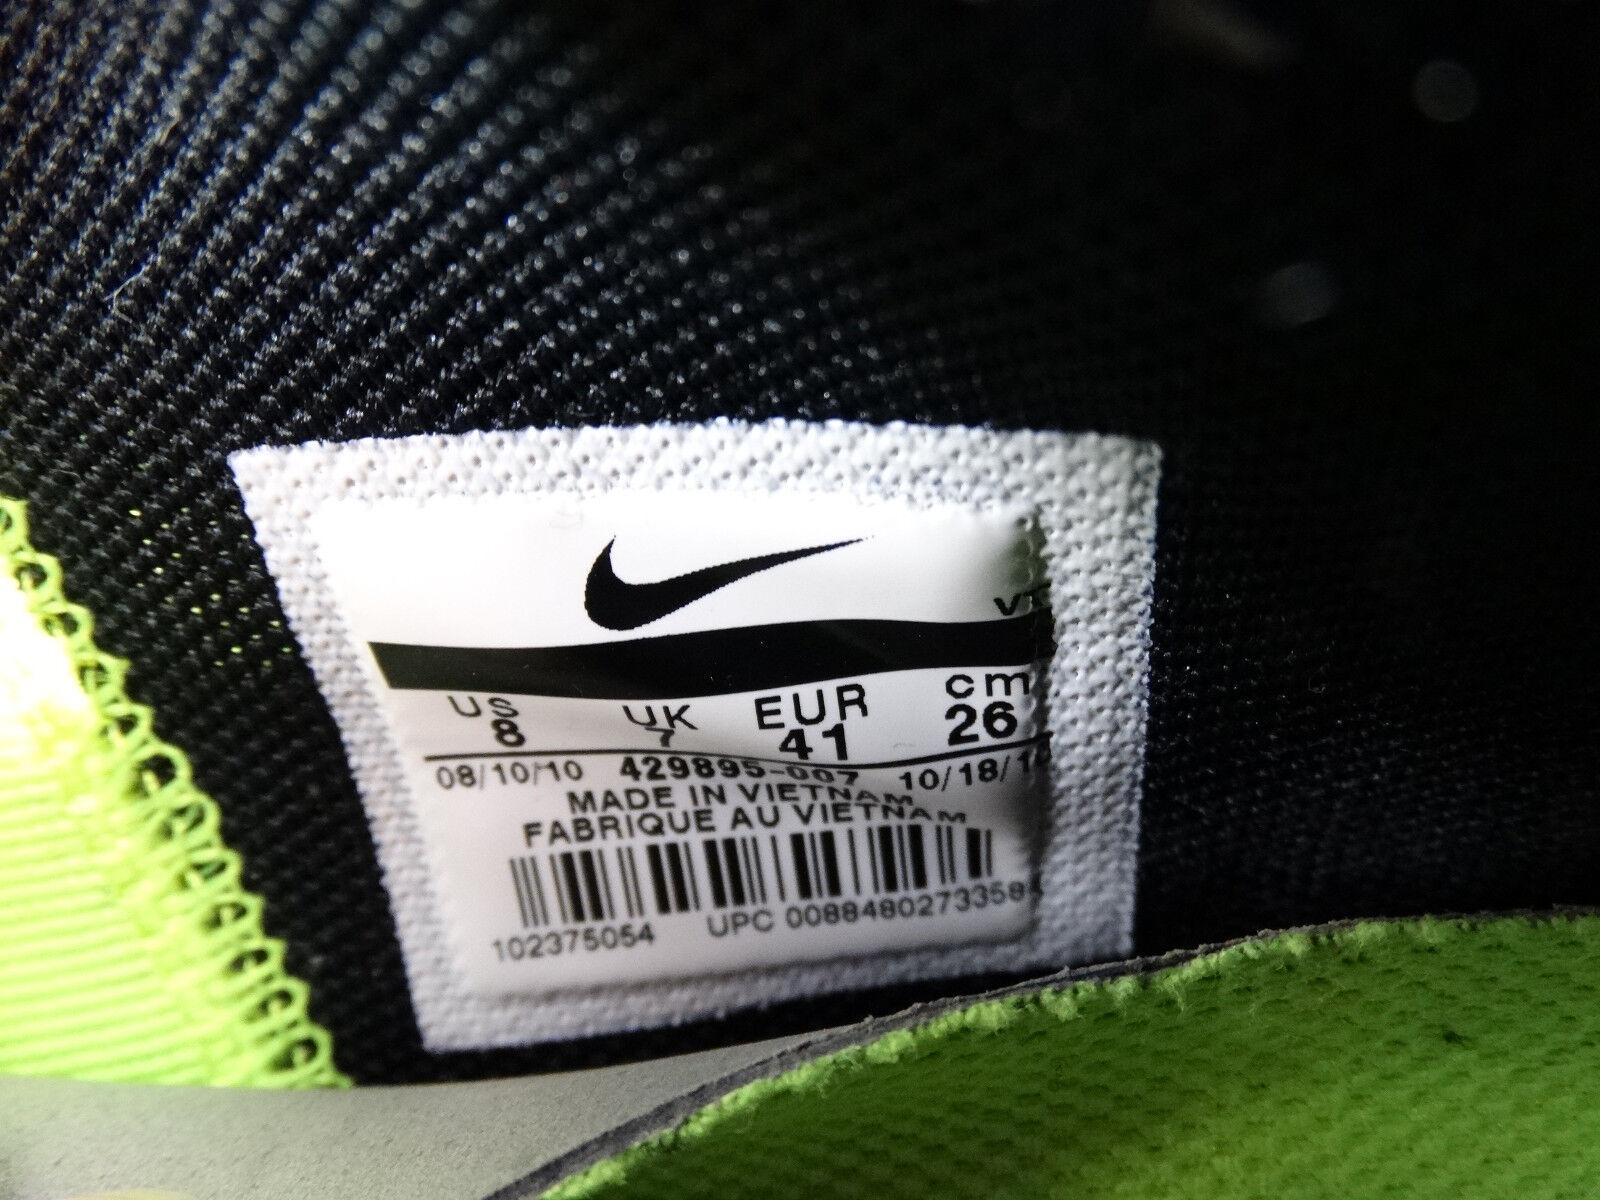 Nike Lunarhaze+ Laufschuhe 429895-007 schwarz-gelb-weiß schwarz-gelb-weiß schwarz-gelb-weiß EU 41 US 8 b22b11